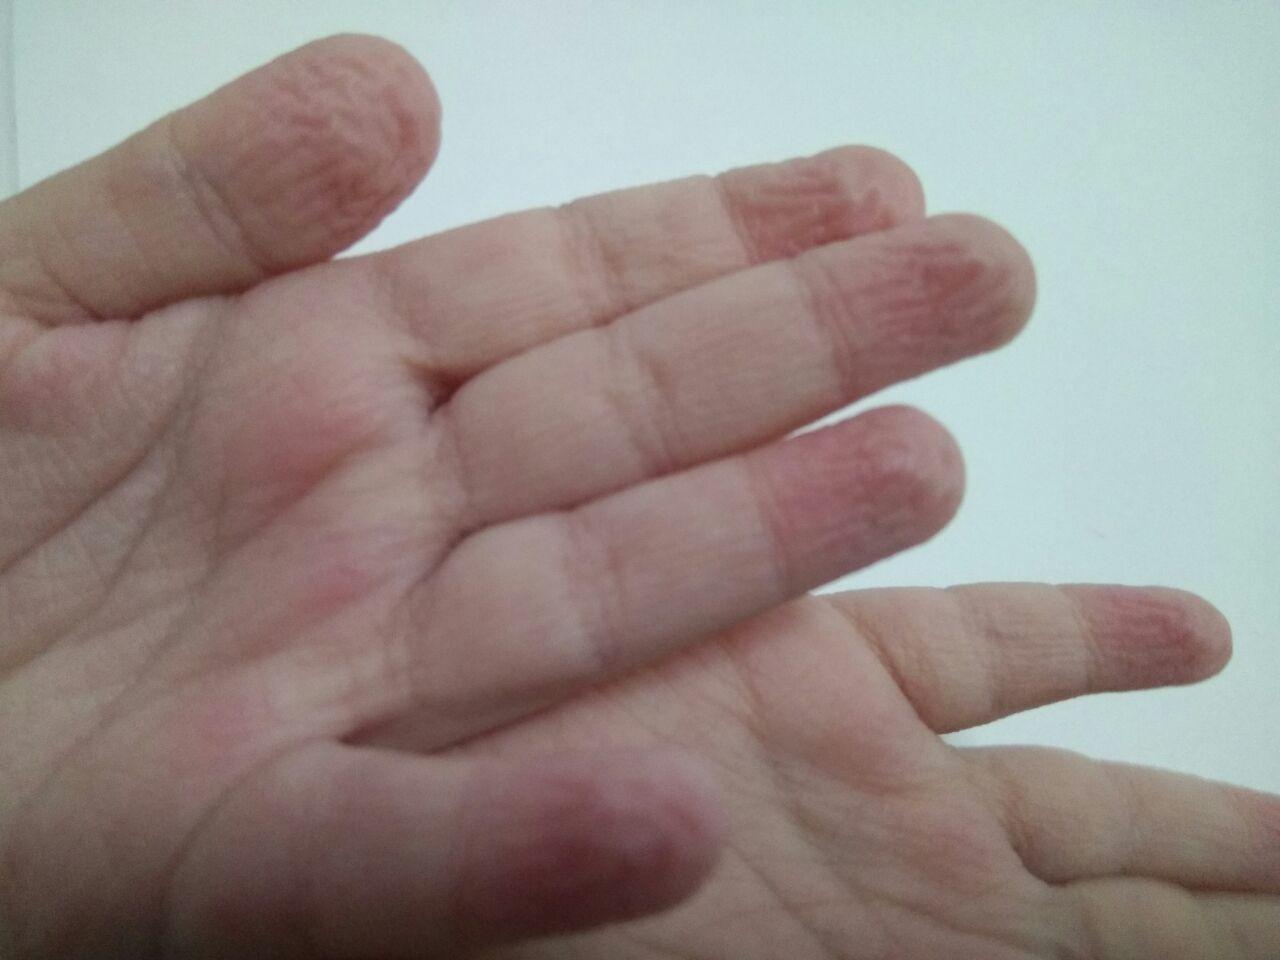 ¿Por qué se arrugan los dedos de las manos con el agua?